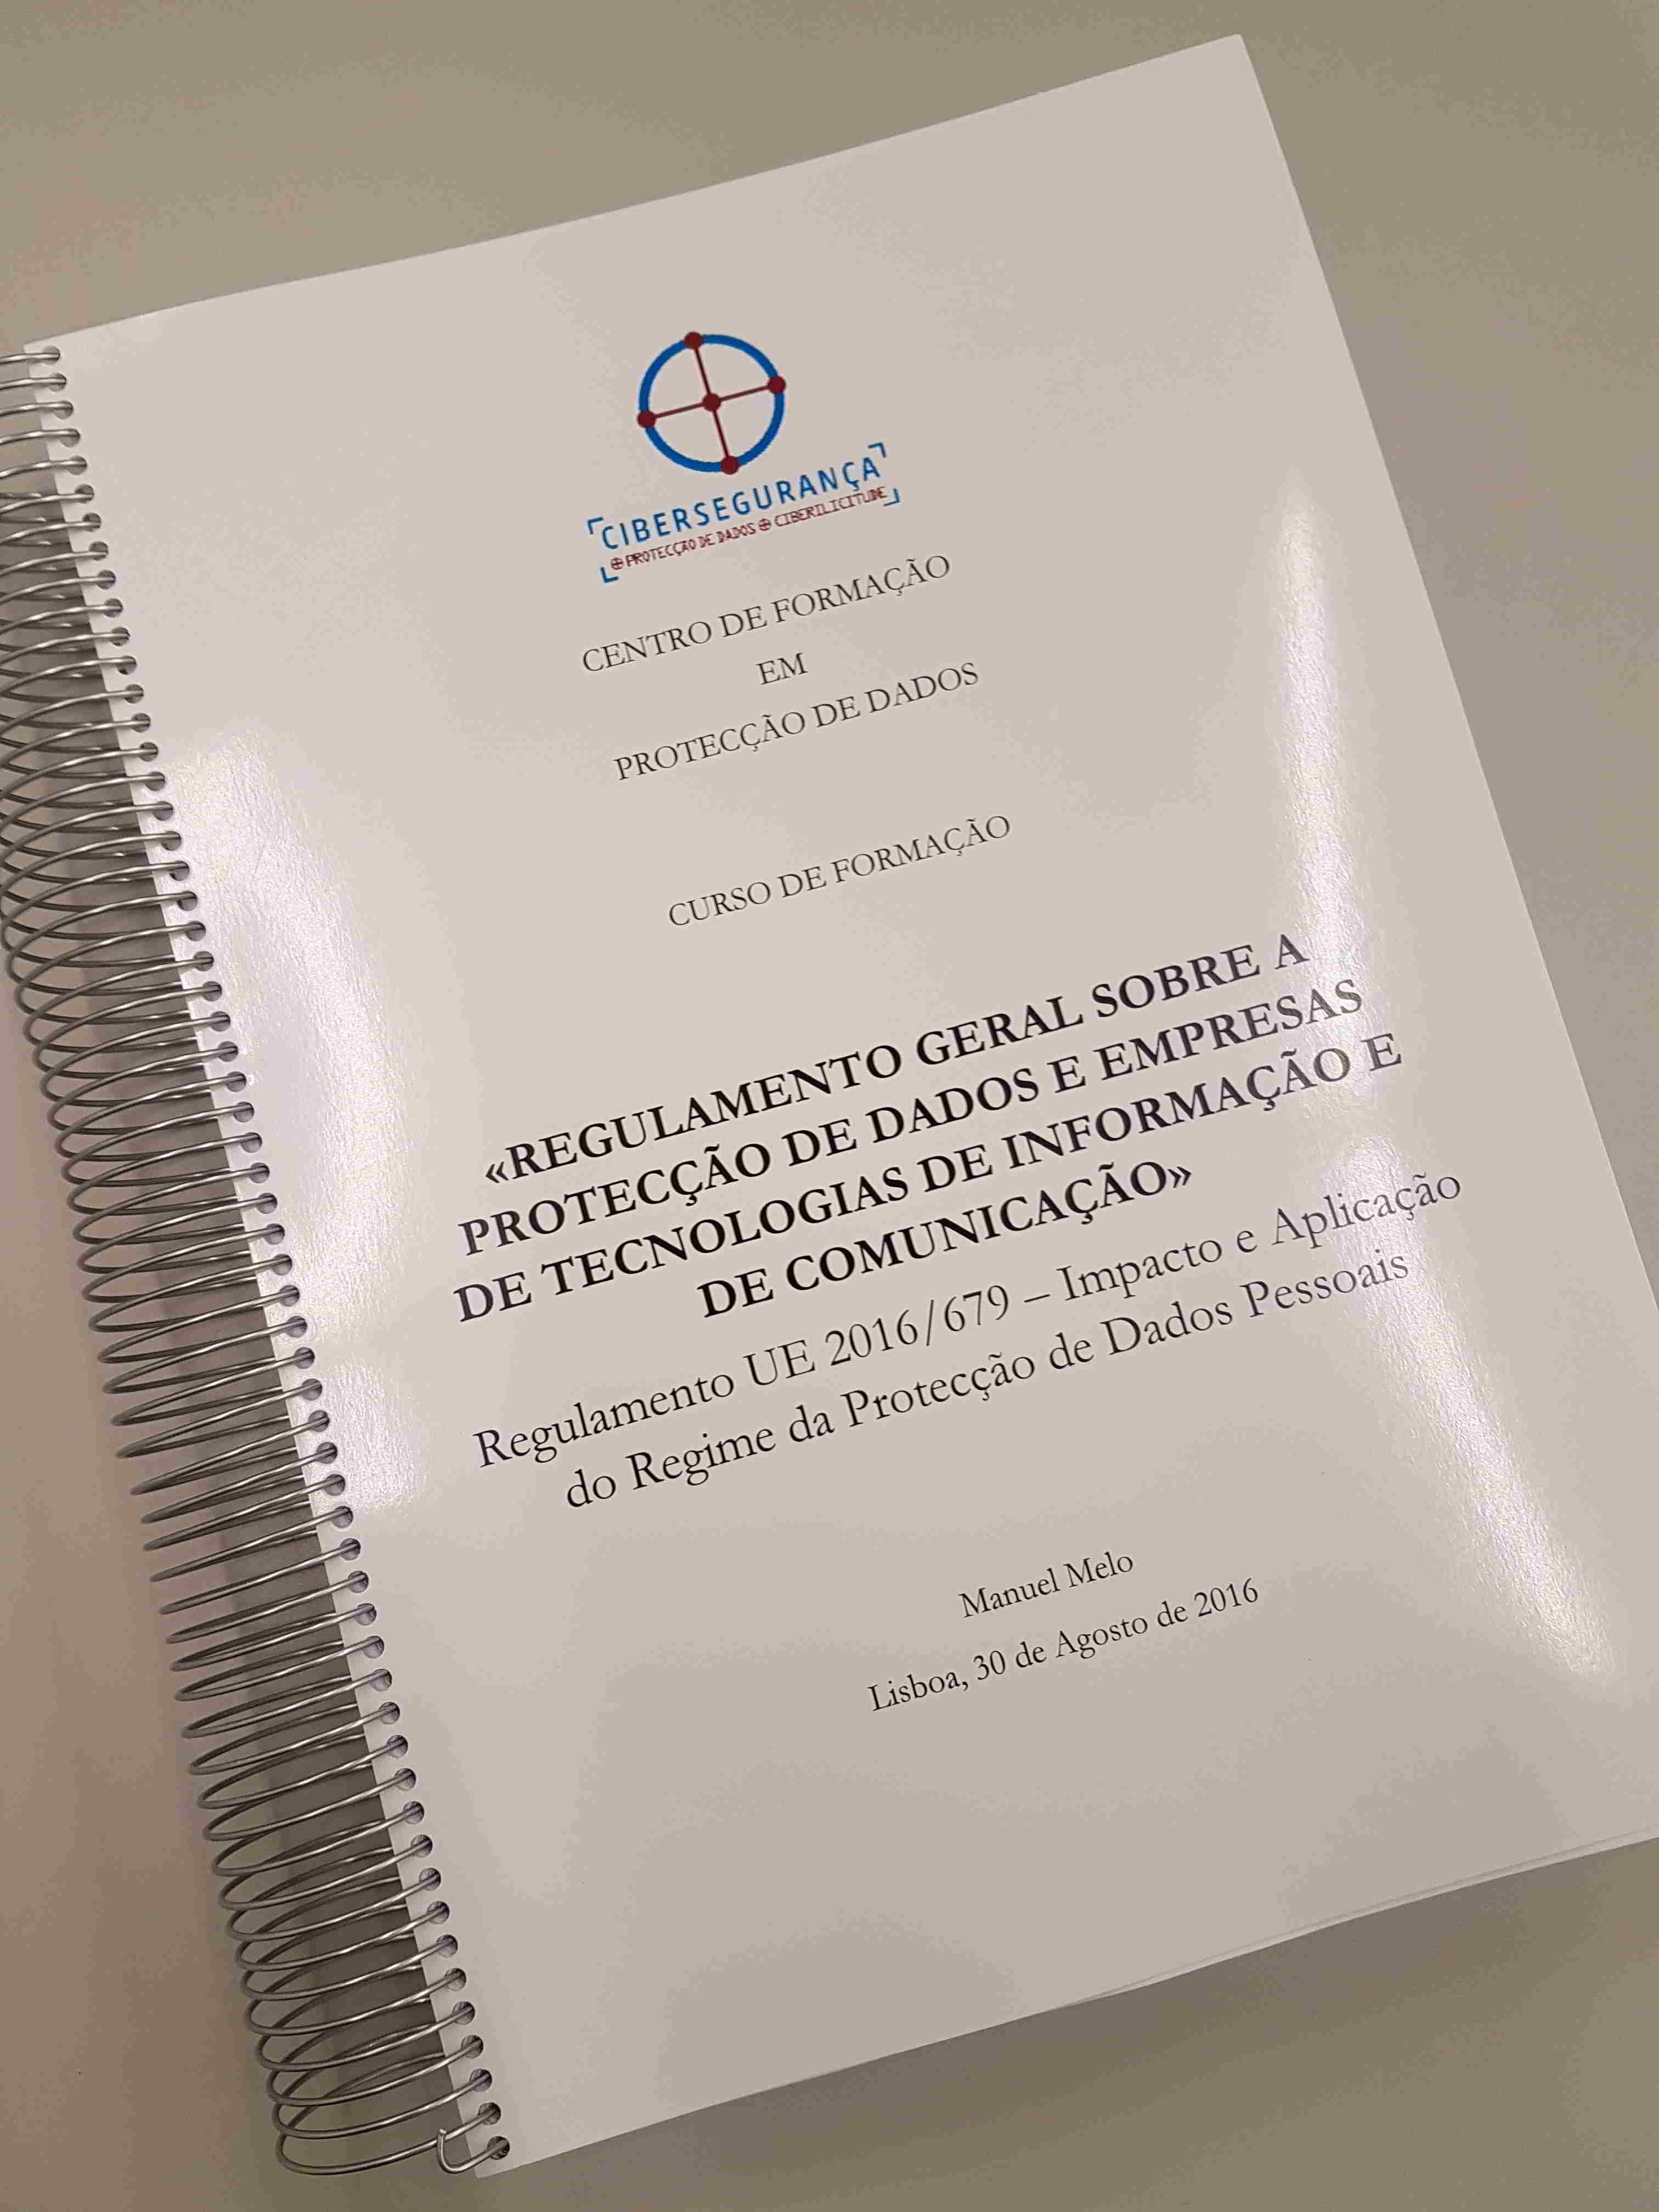 Manual do Curso «Regulamento Geral sobre a Protecção de Dados e Empresas do Sector da Tecnologias de Informação e Comunicação»